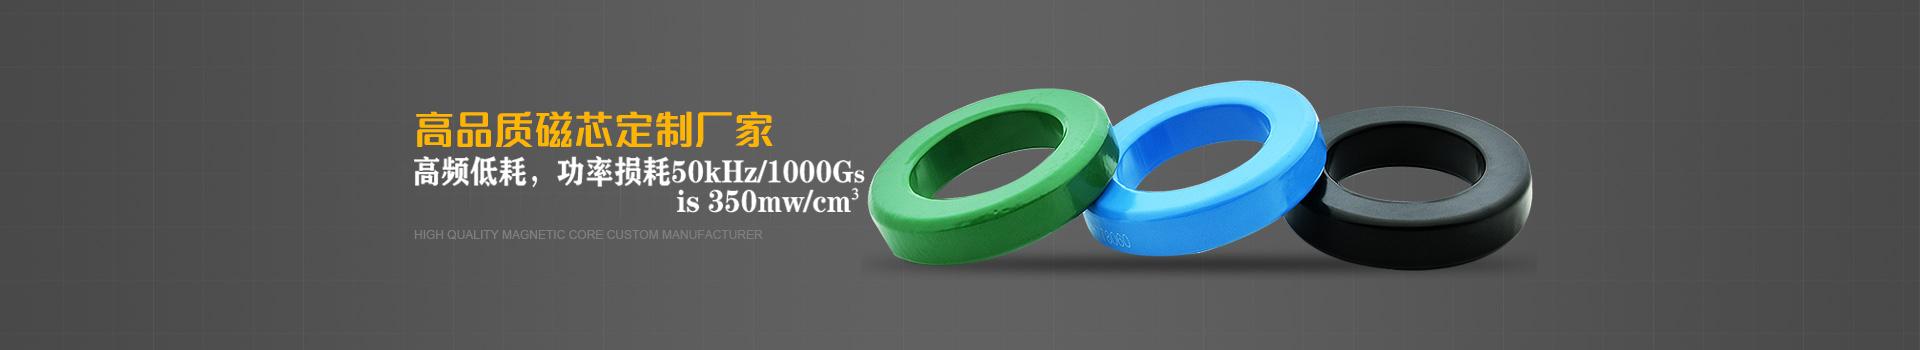 金磁高科,高品质磁芯定制厂家